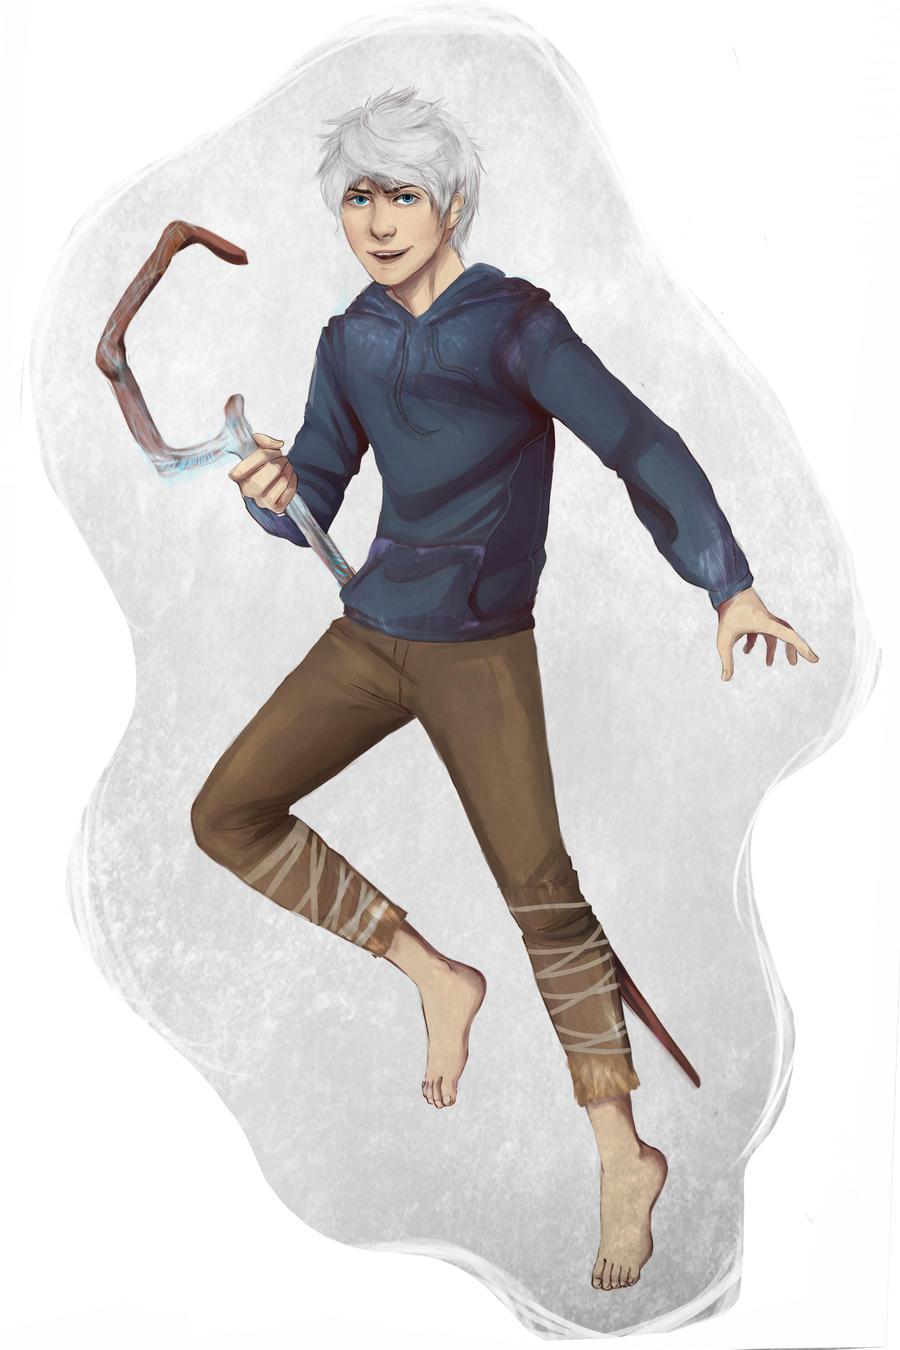 Jack Frost by sakuraartist